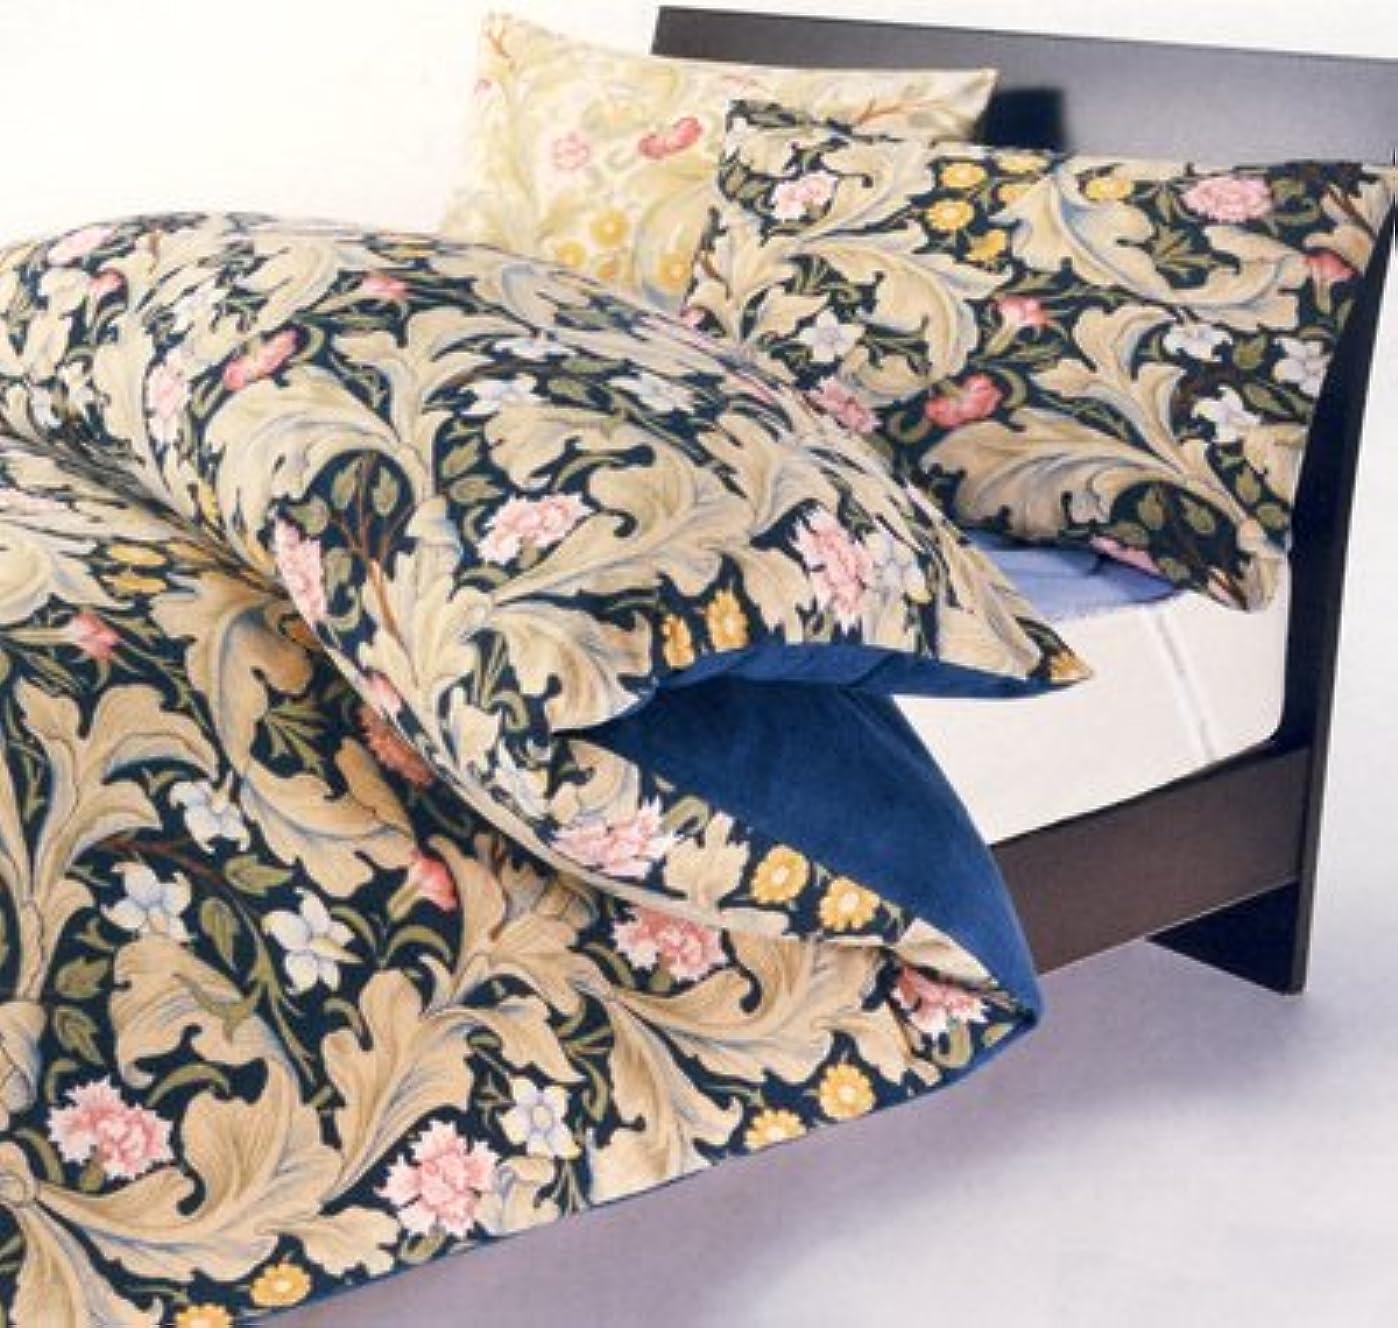 議題エアコン赤面Sanderson 日本製 ピロケース 枕カバー 軽量シャーリングパイル 65×45cm SD1500N ネイビー